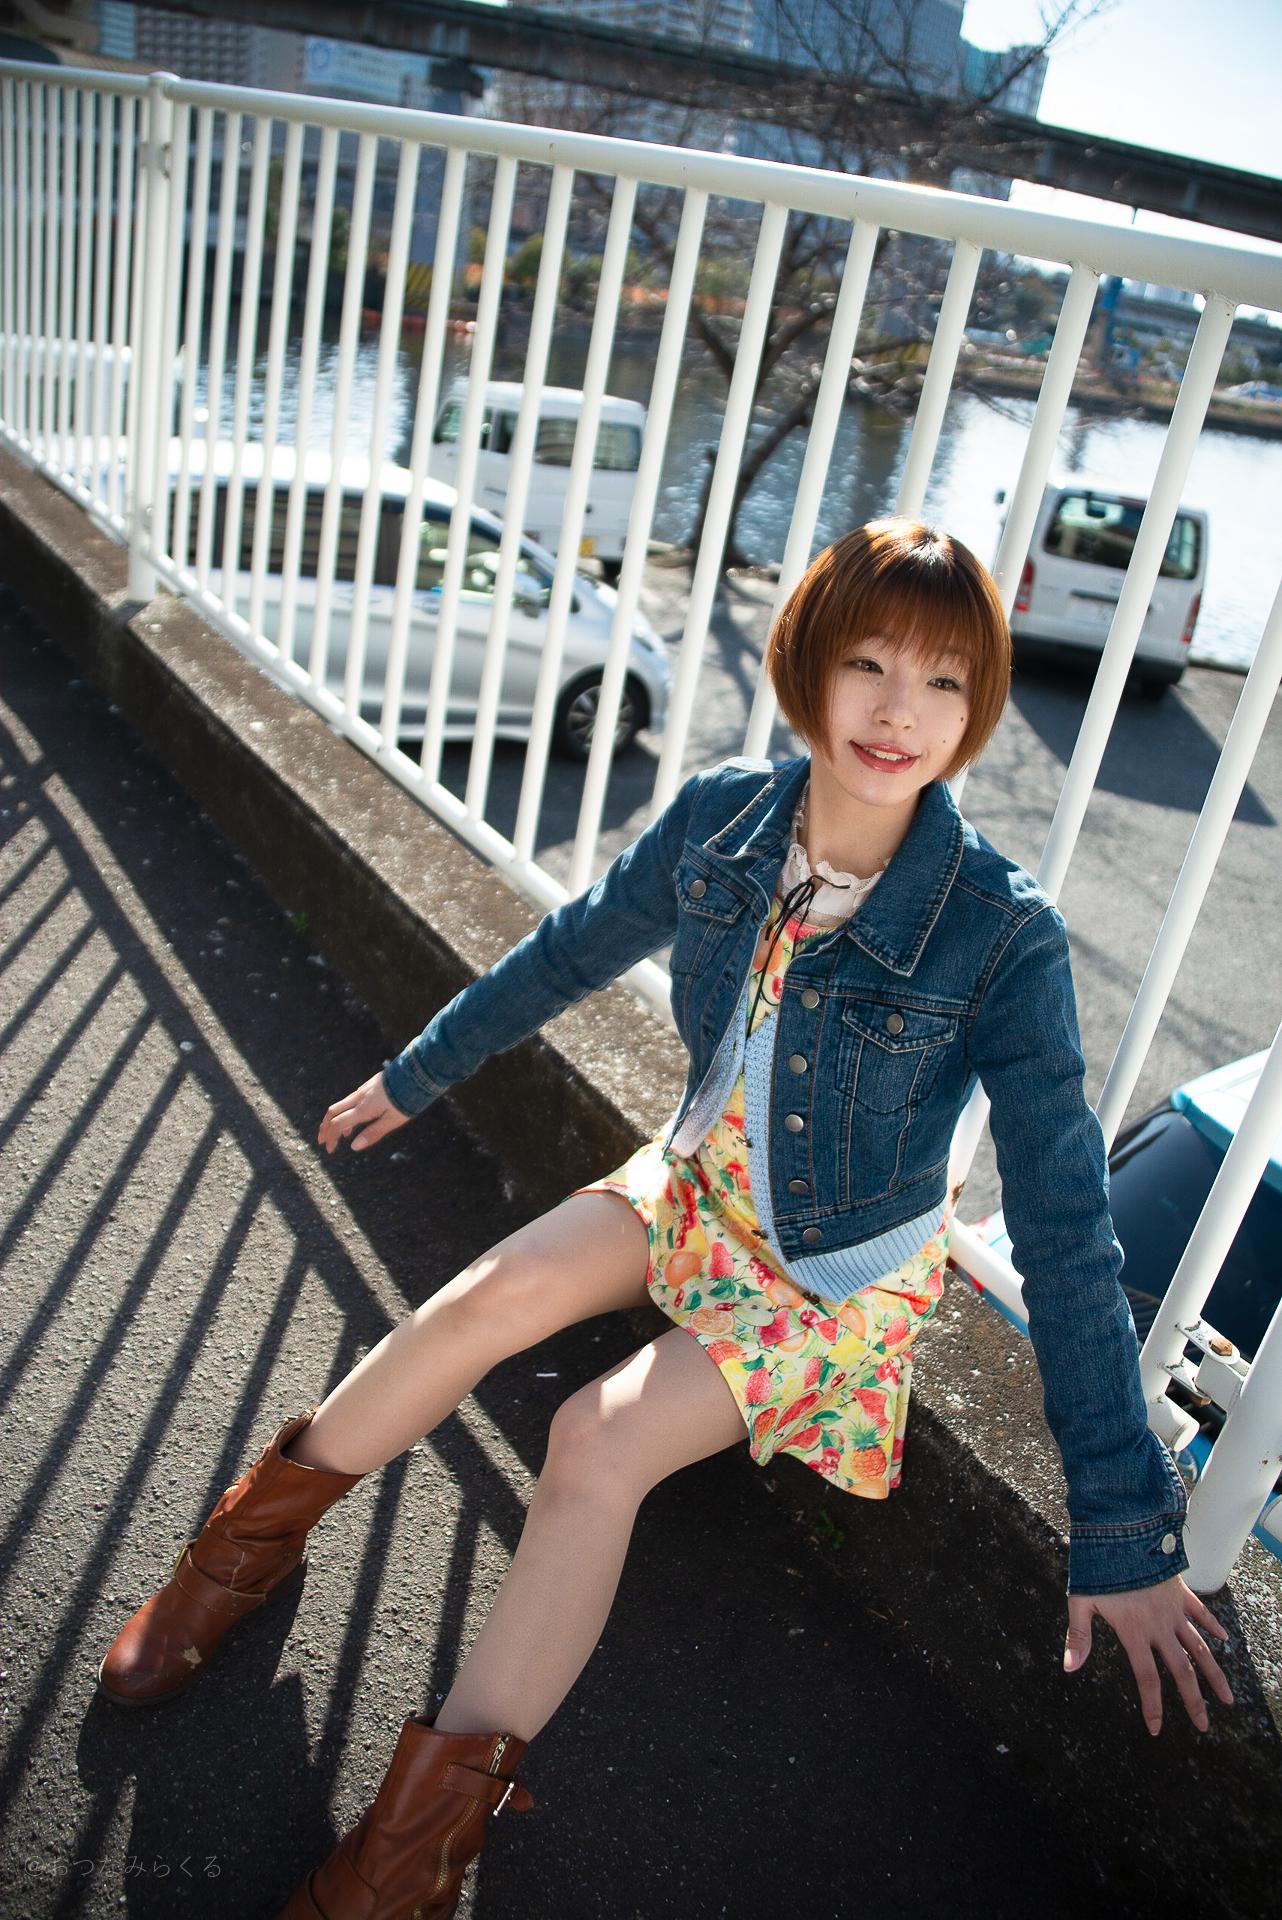 モデル撮影会 東京 屋外